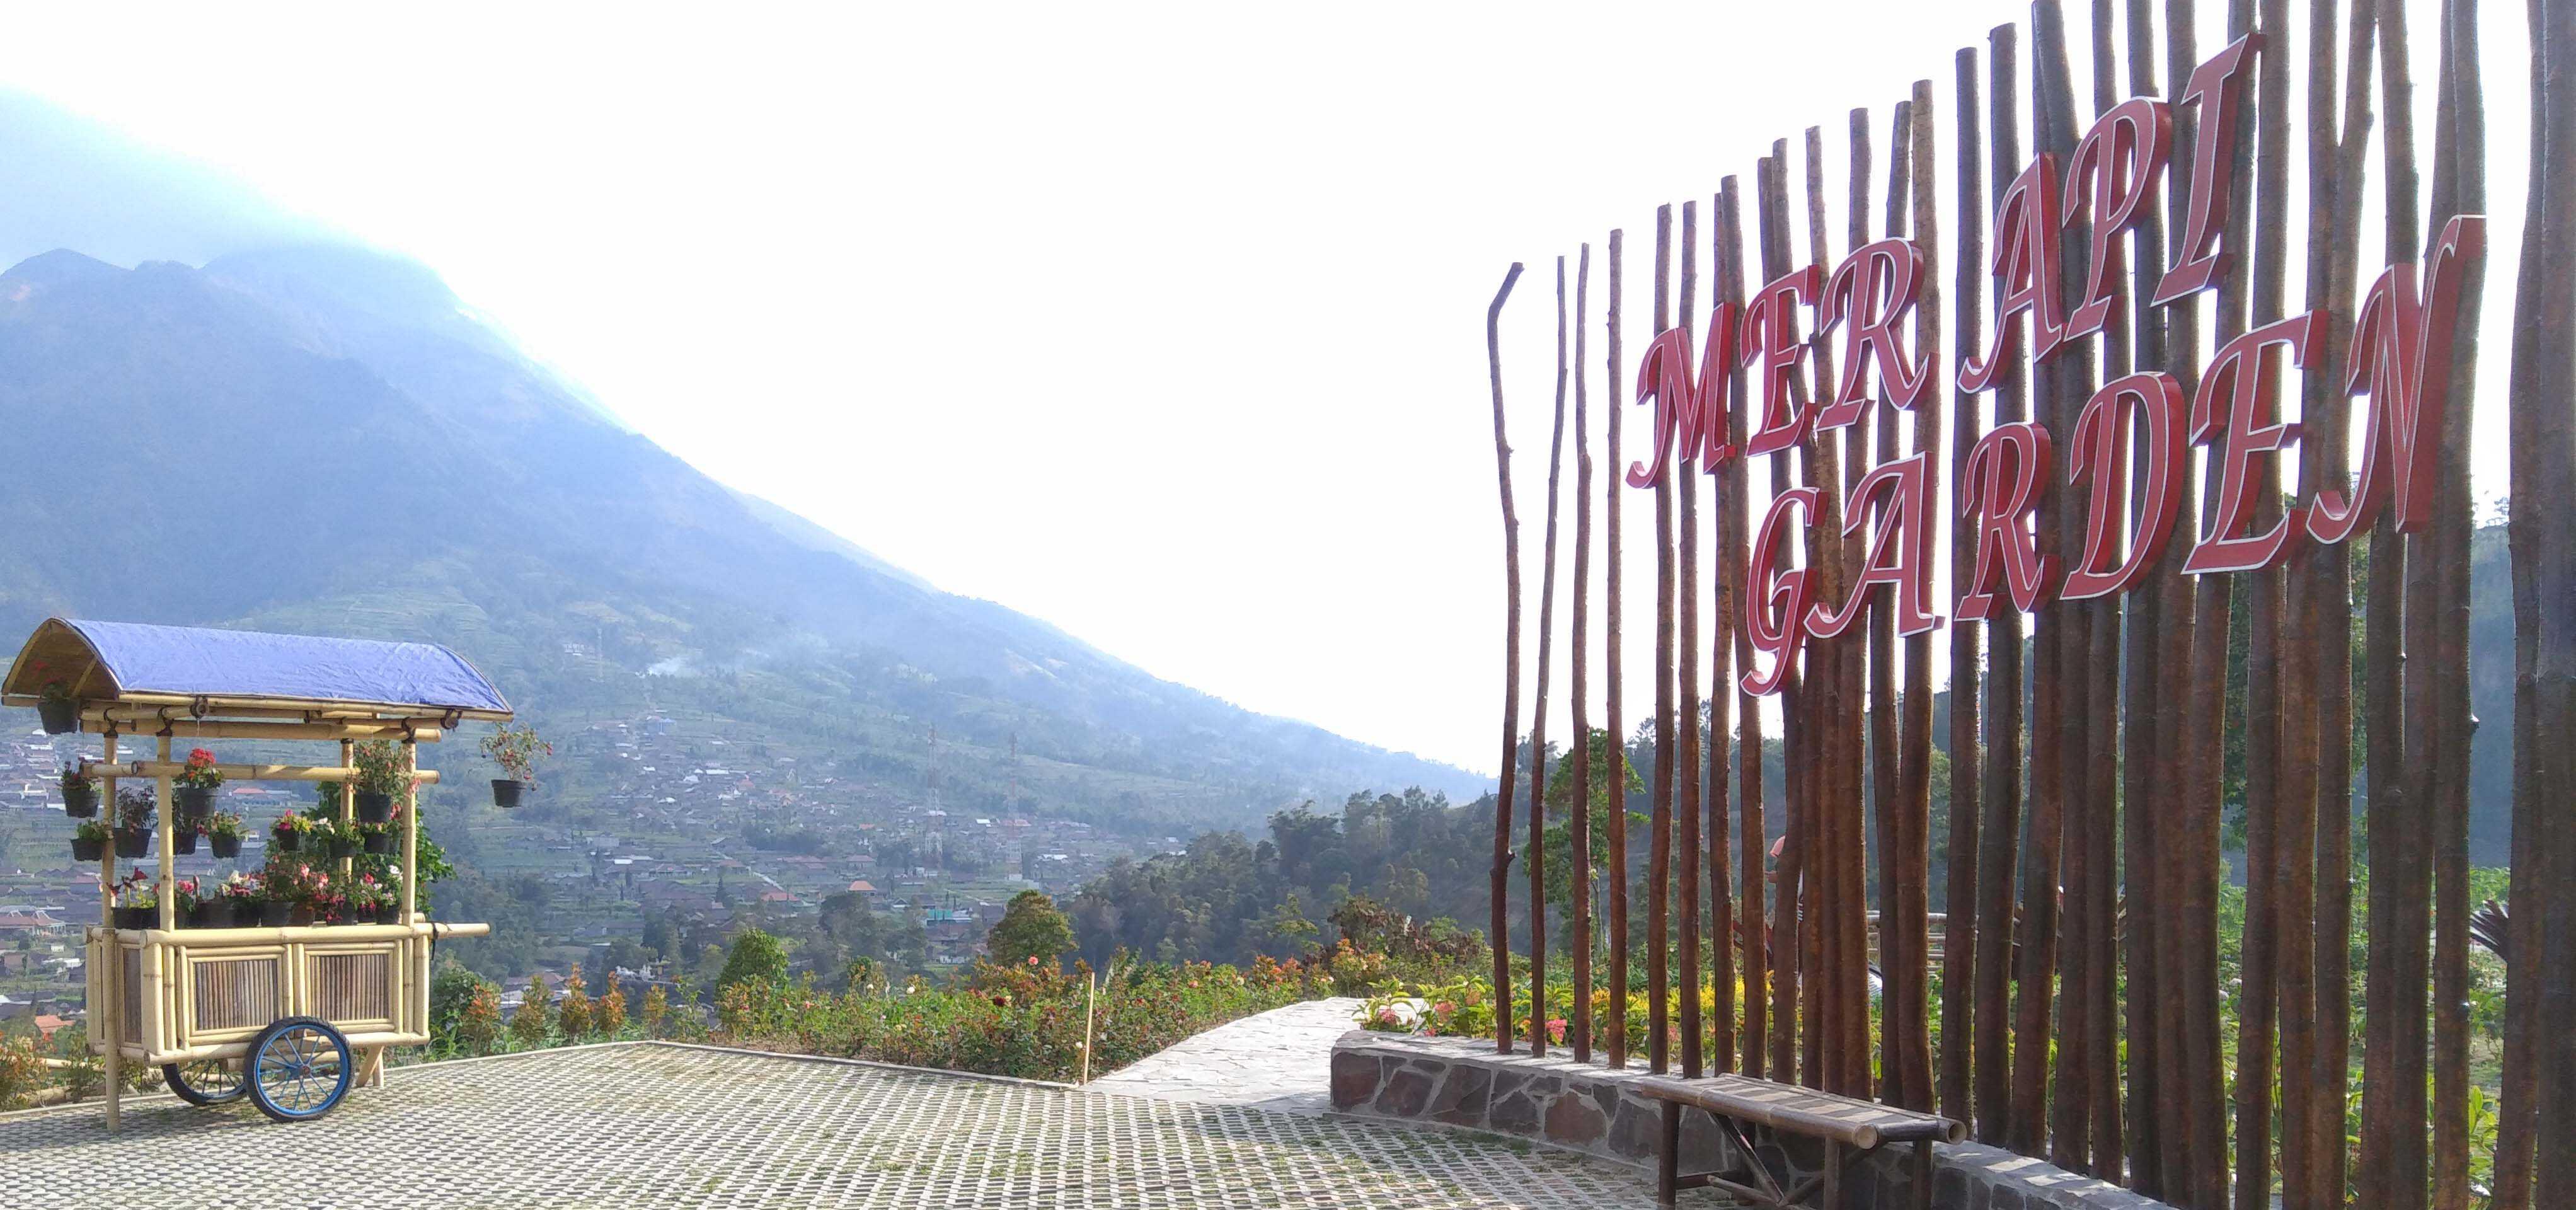 Merapi Garden Salah Satu Wisata Pertanian Di Boyolali